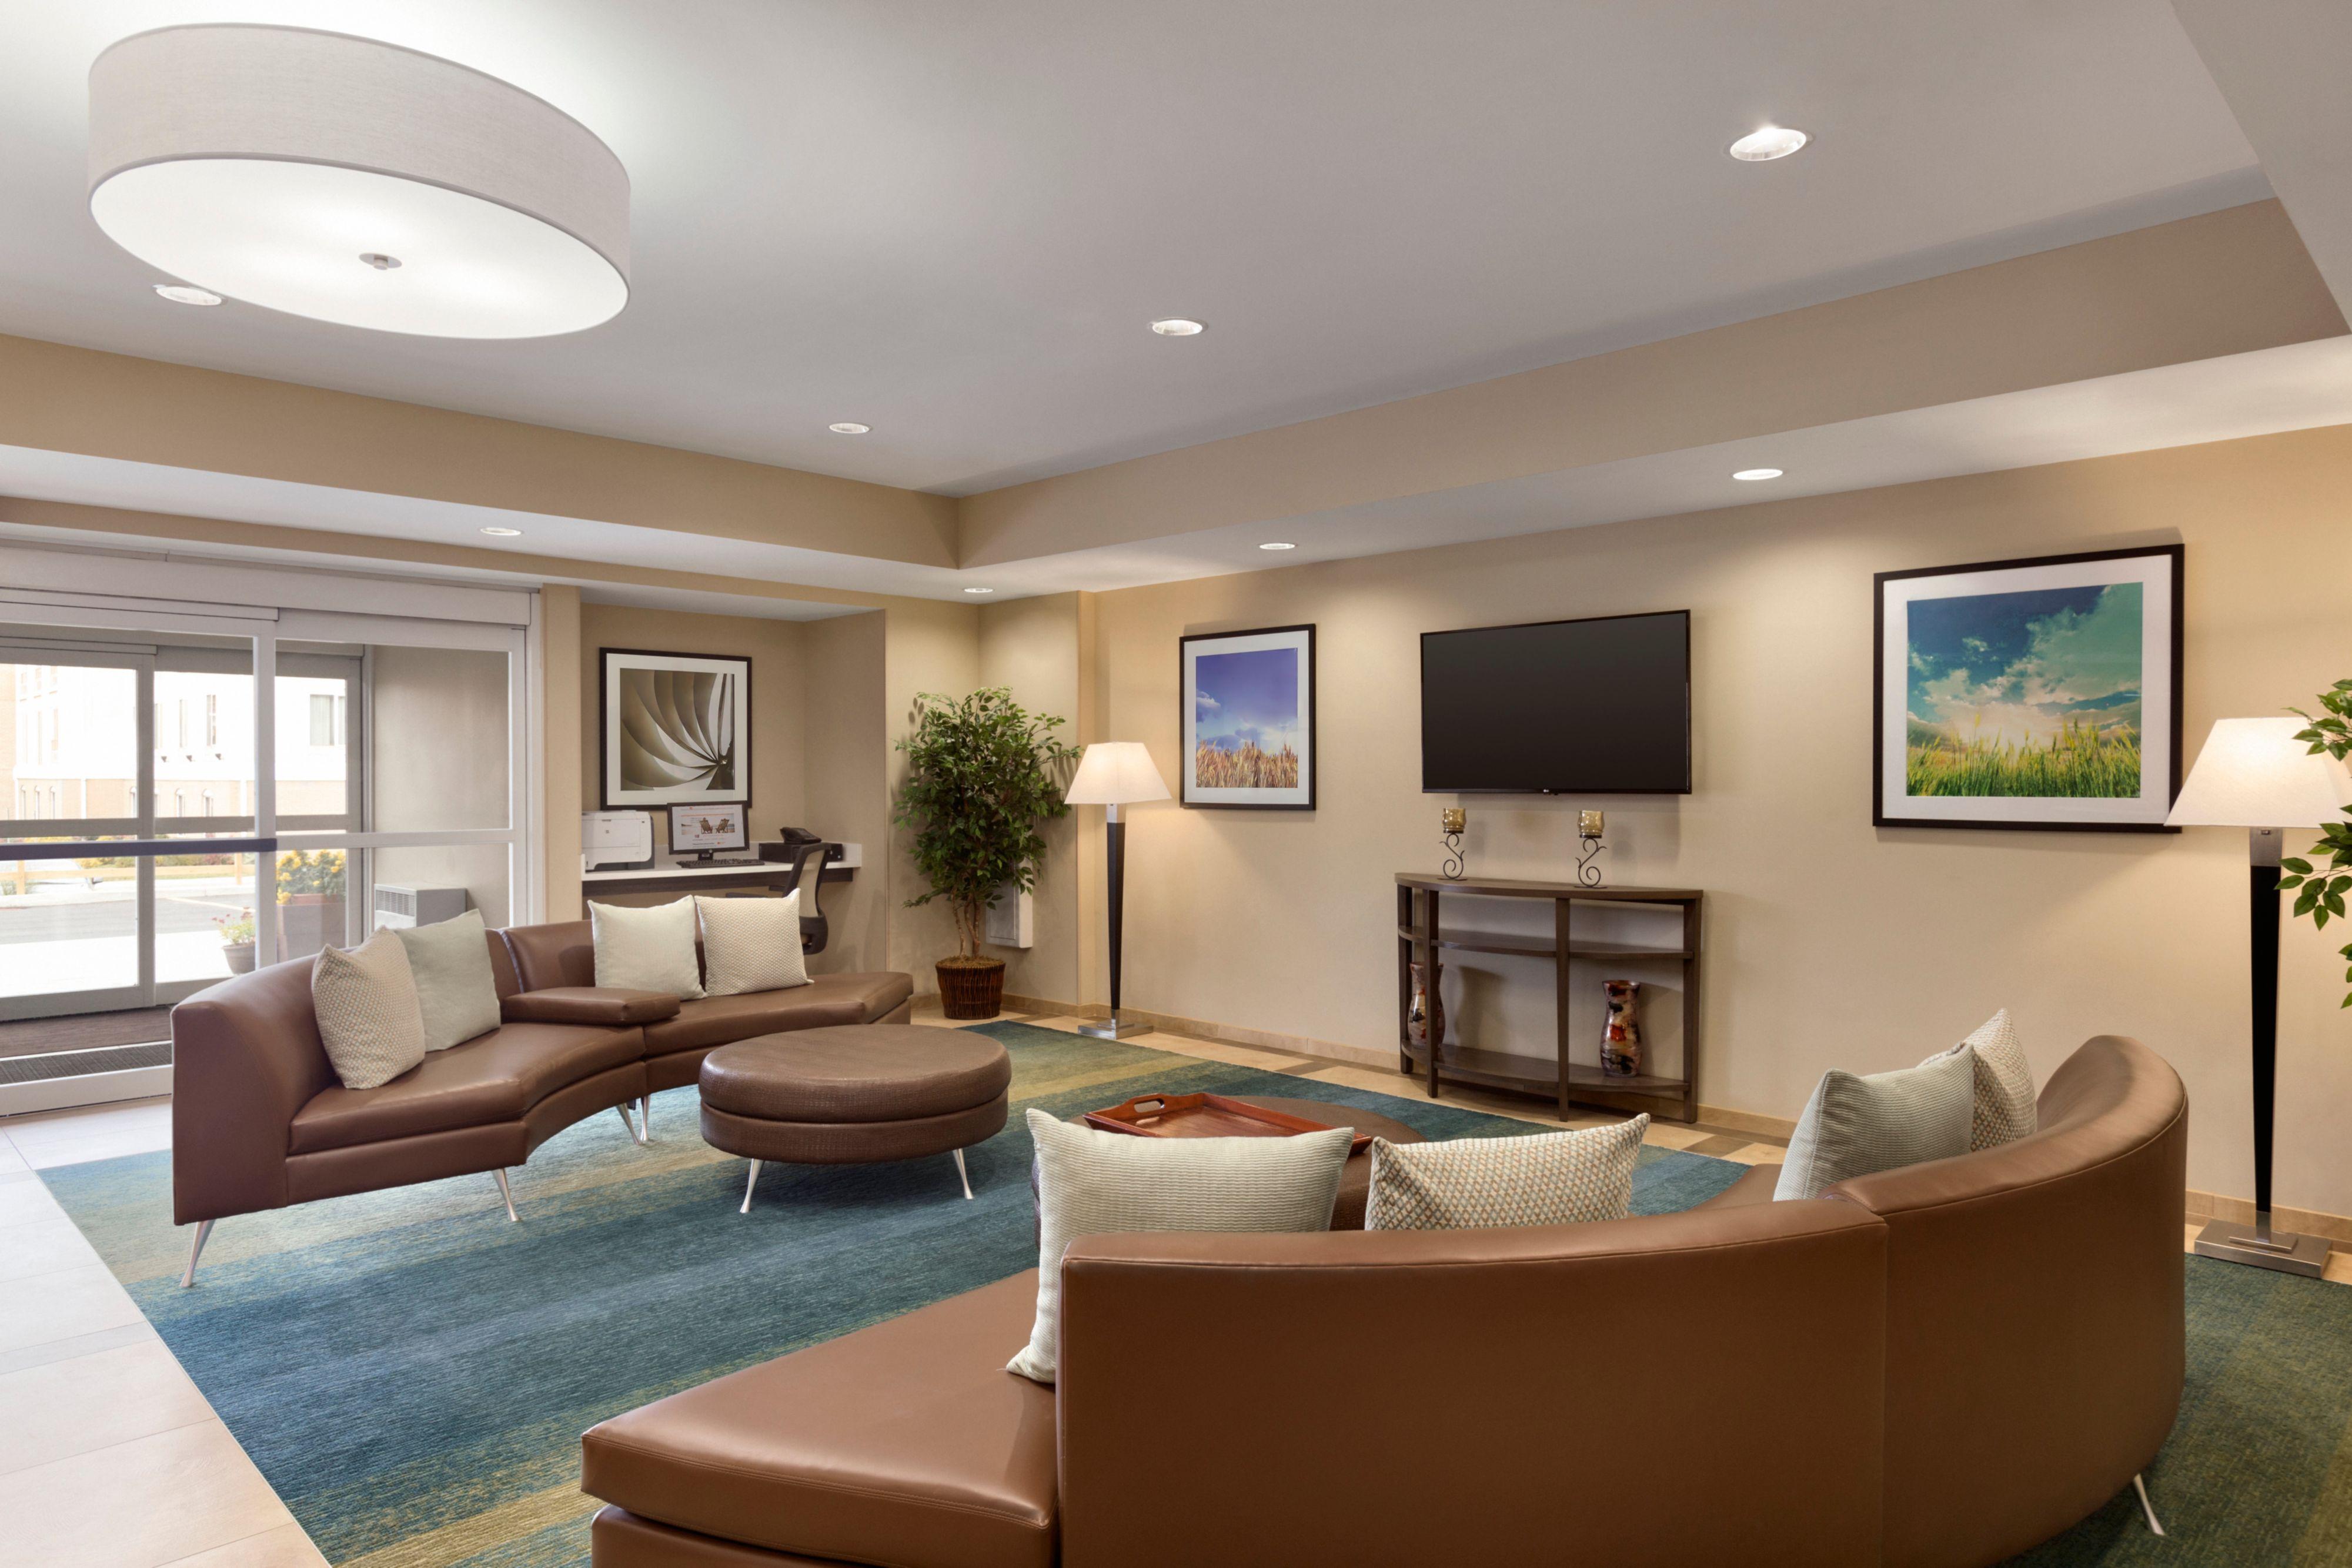 Candlewood Suites Vestal - Binghamton image 3